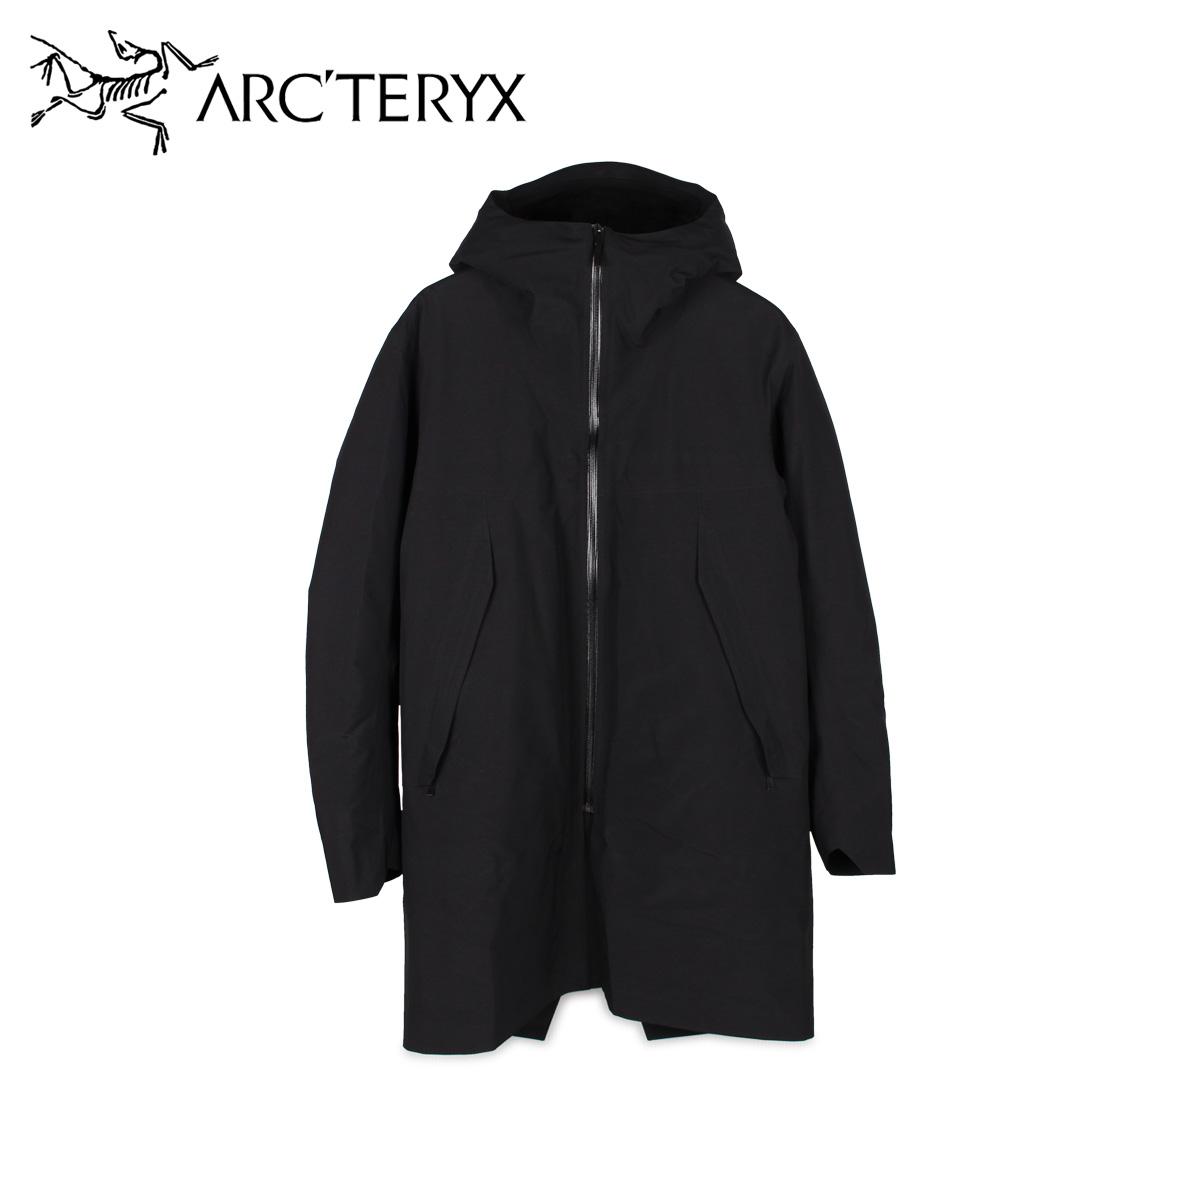 アークテリクス ARCTERYX コート ダウンコート ロング メンズ MONITOR DOWN COAT ブラック 黒 21743